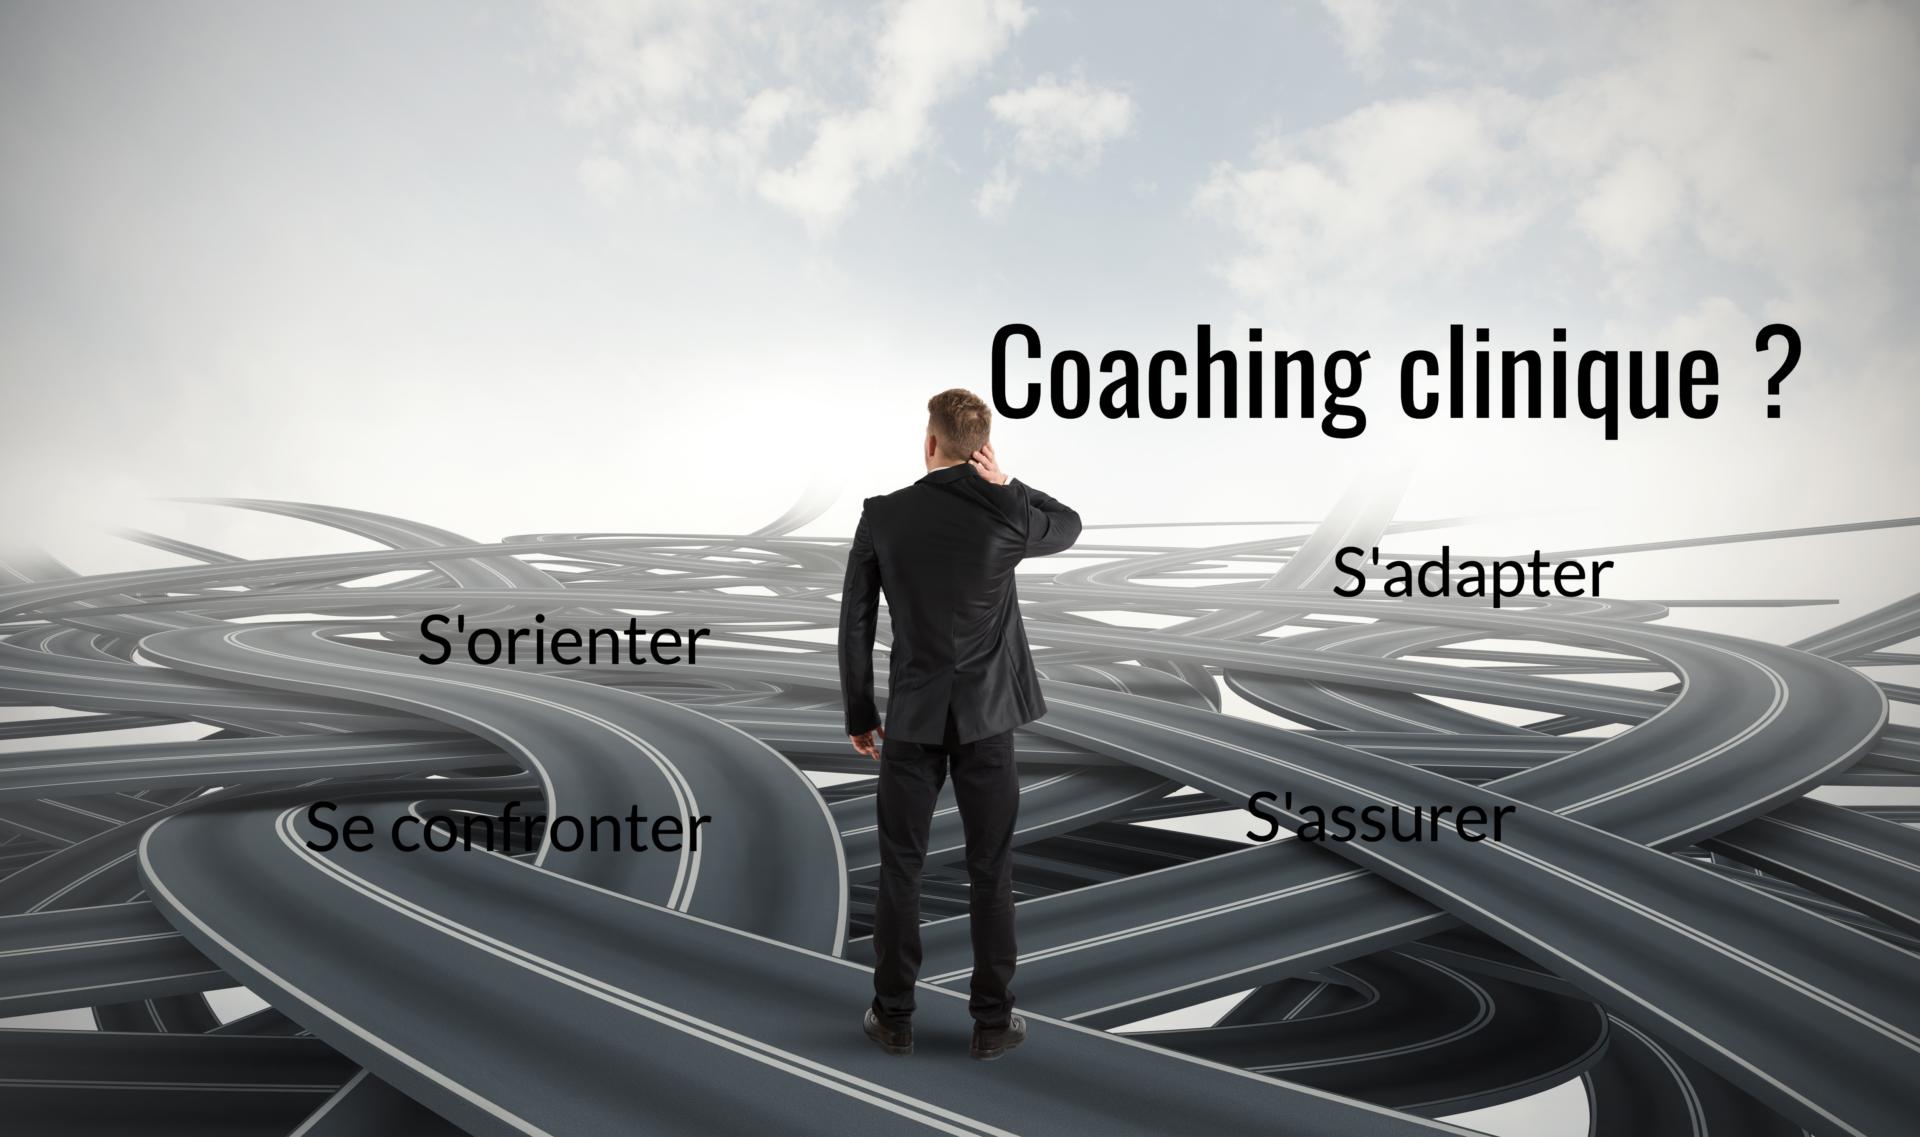 Coaching clinique